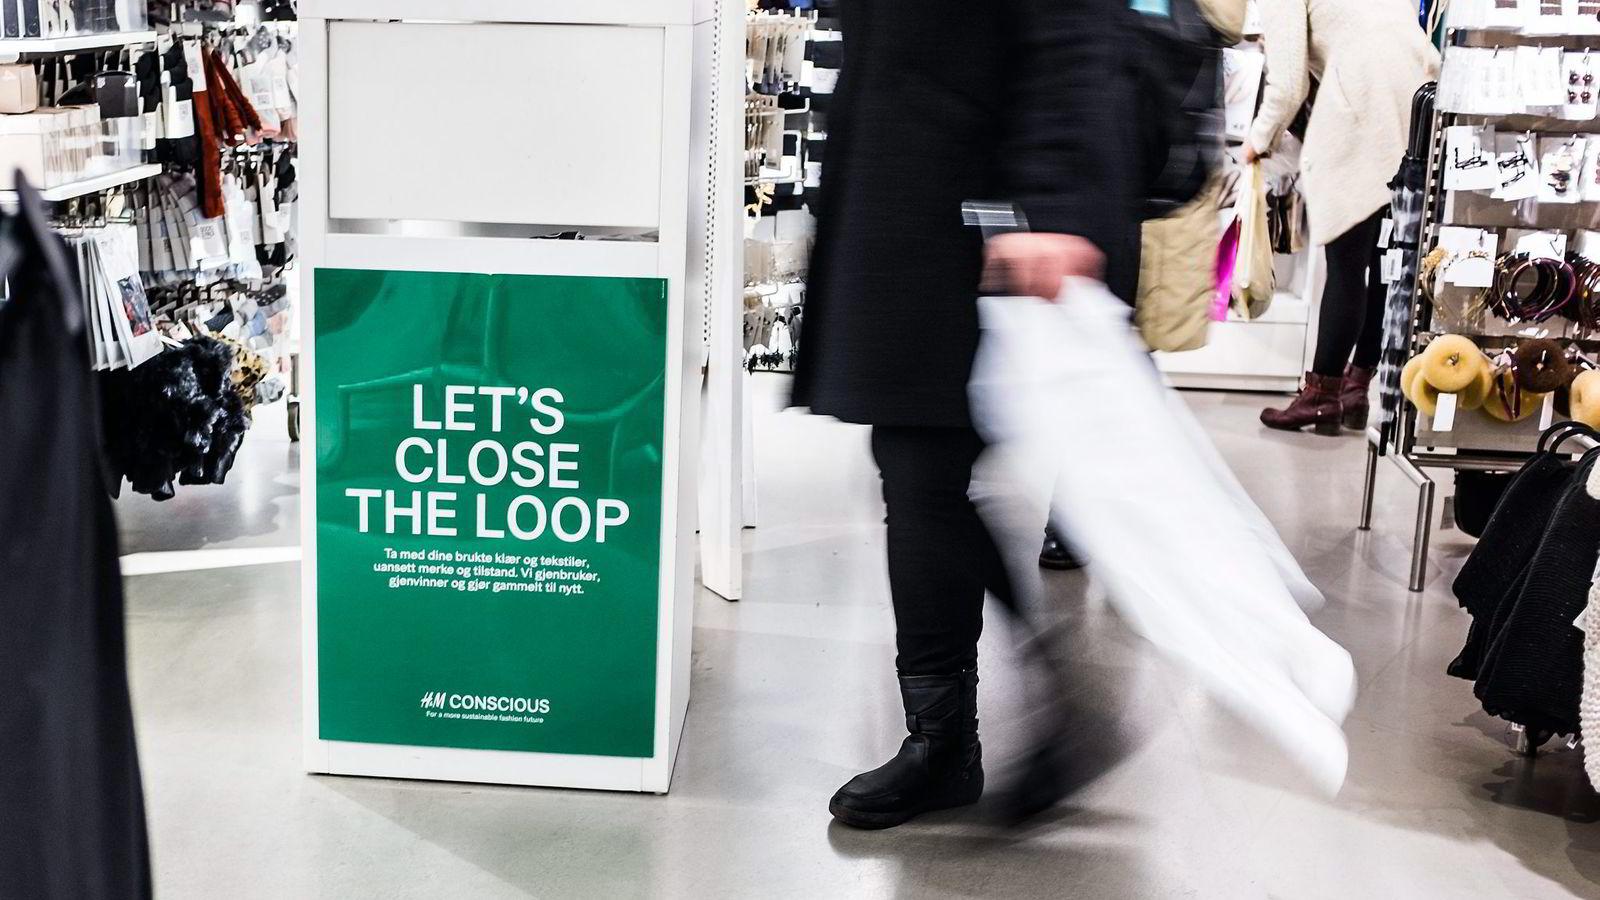 «Let's close the loop» er en kampanje som Hennes & Maurtiz har hvor de resirkulerer klær.